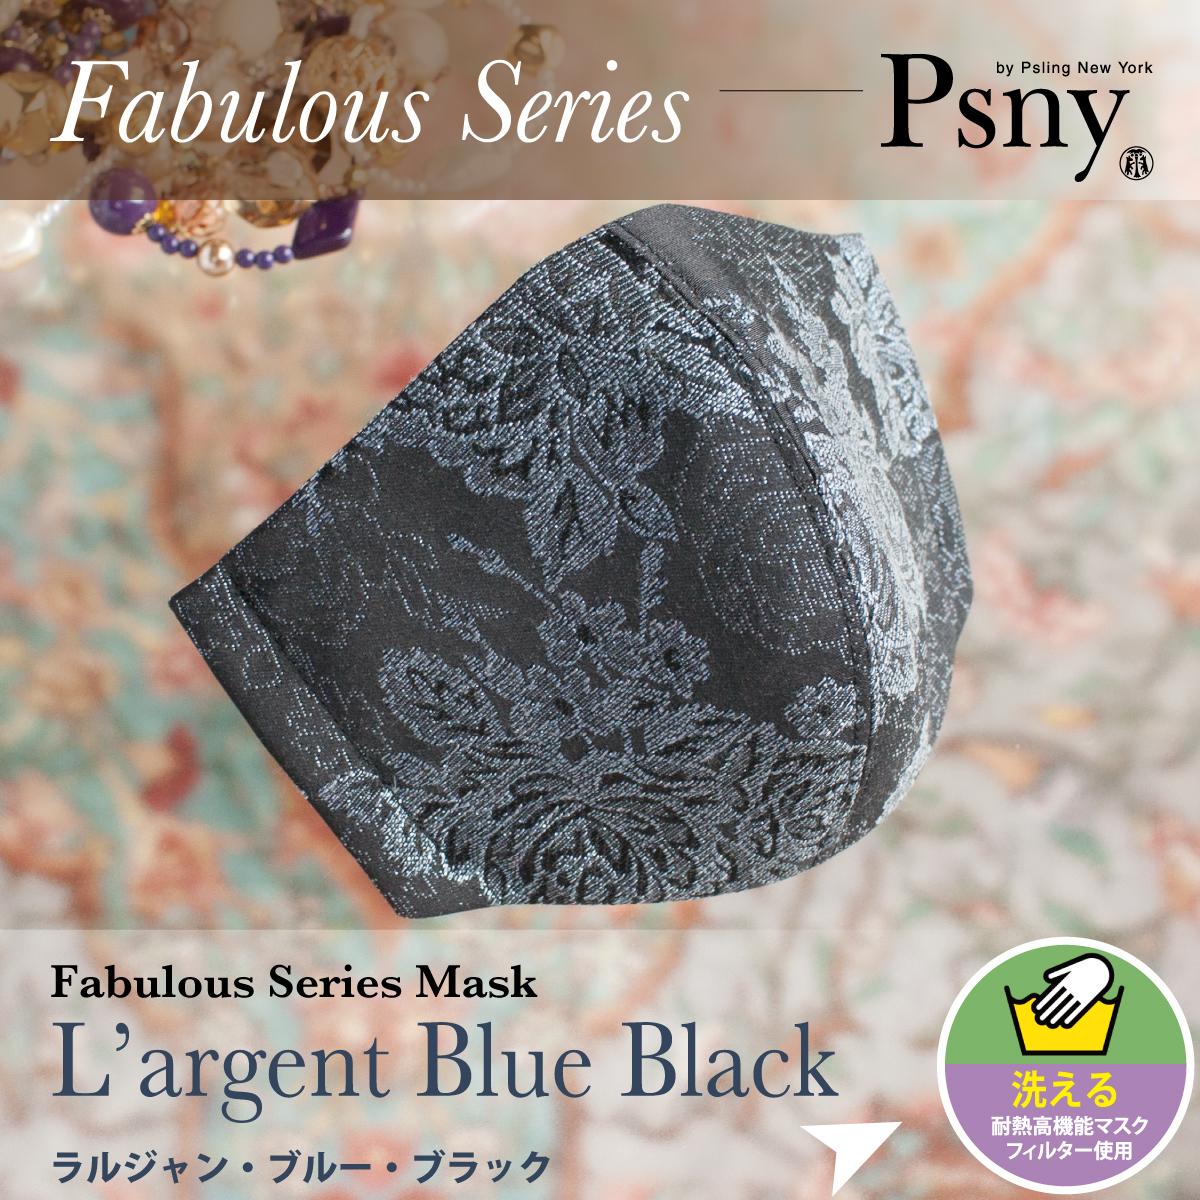 PSNY ラルジャン ブルー ブラック 花粉 洗える不織布フィルター入り 立体 大人 美人 小顔 高級 エレガント 女優 マスク 送料無料 FG5